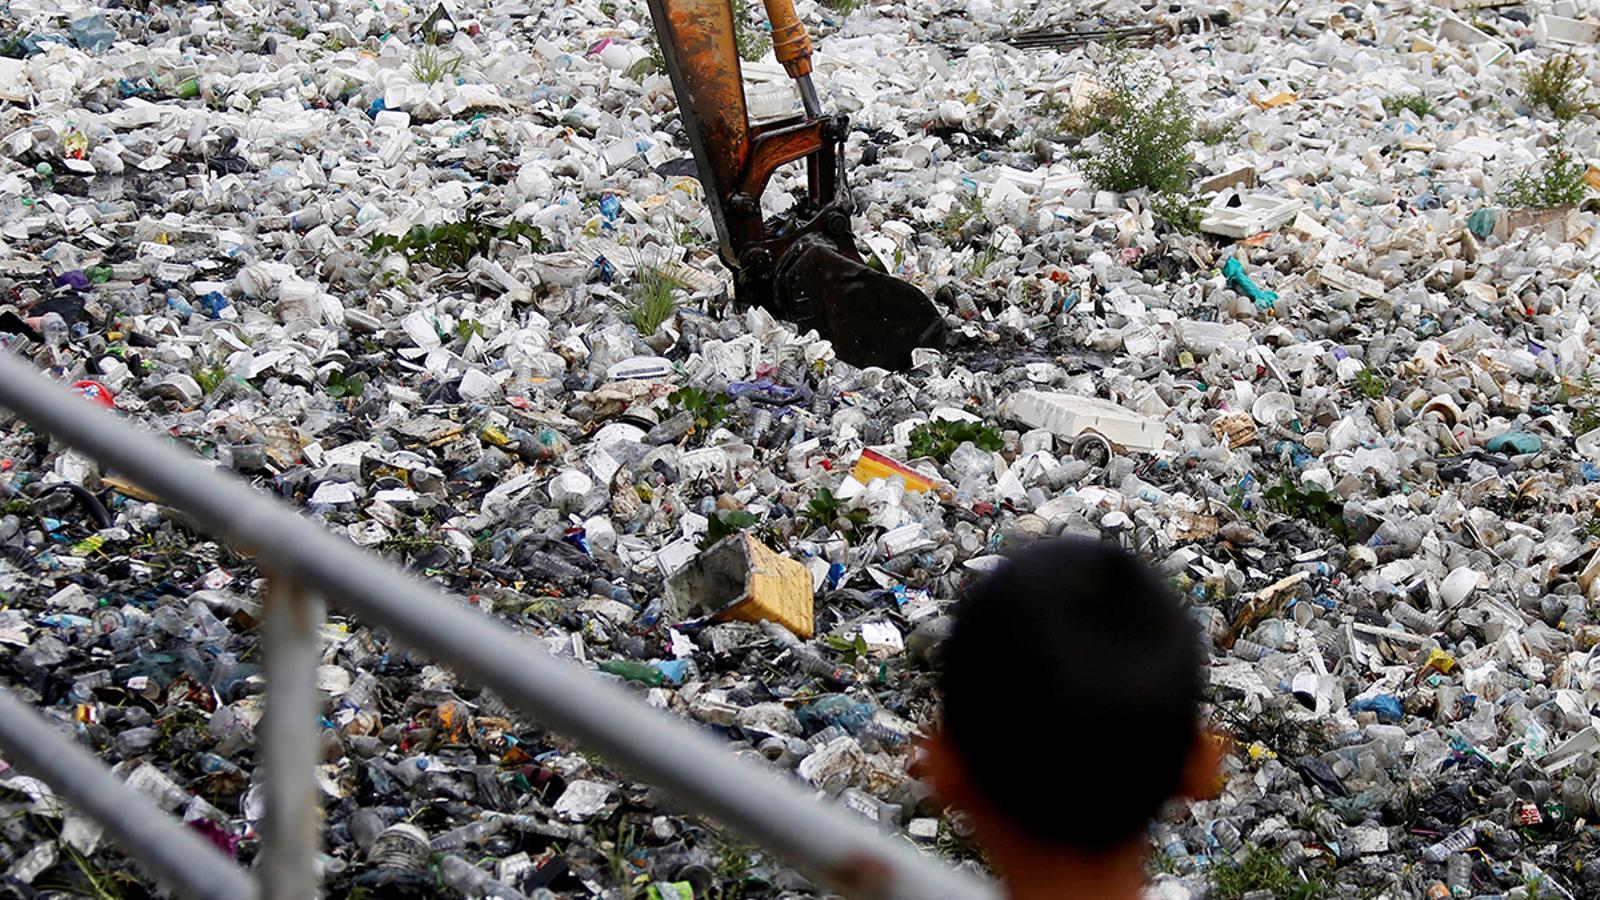 Recullida d'ampolles de plàstic i altres residus en un canal de clavegueram a Phnom Penh, Cambodja